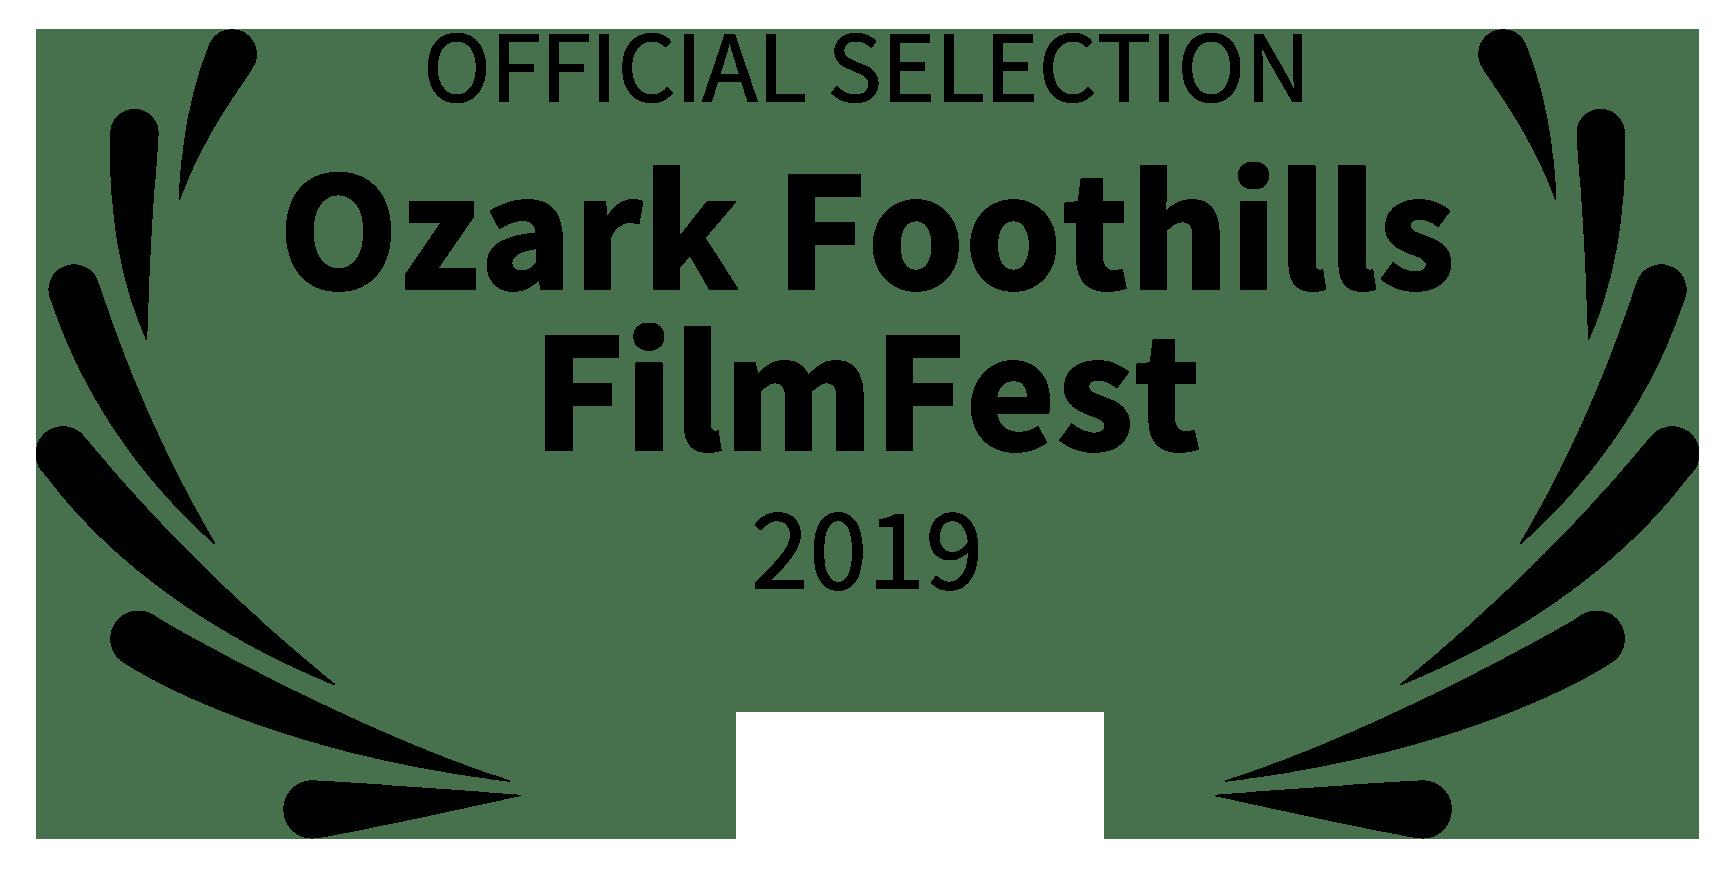 OFFICIAL-SELECTION-Ozark-Foothills-FilmFest-2019-black.png